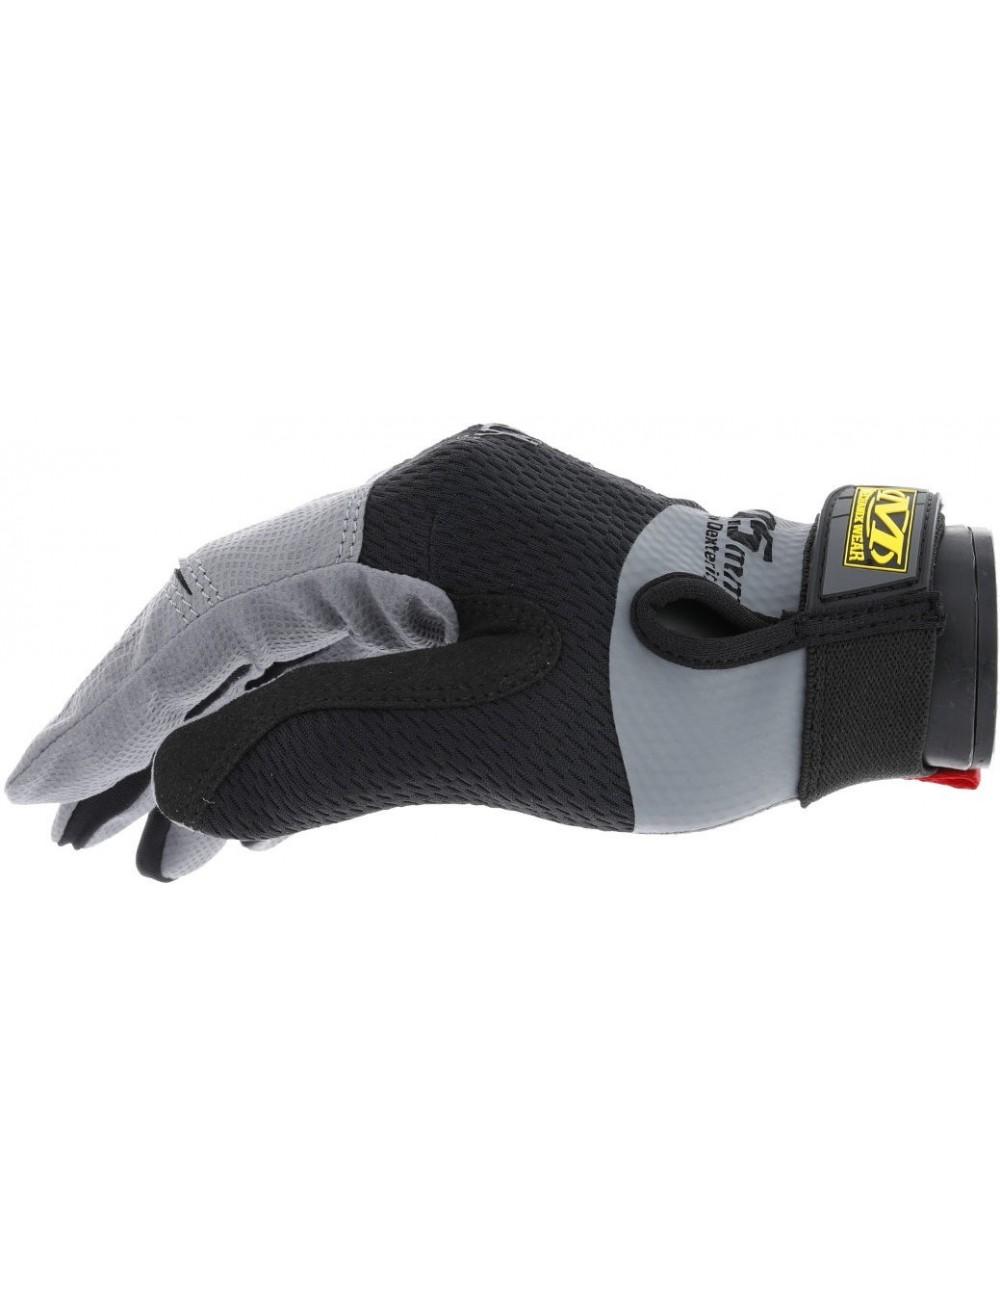 Rękawice Mechanix Speciality 0,5mm